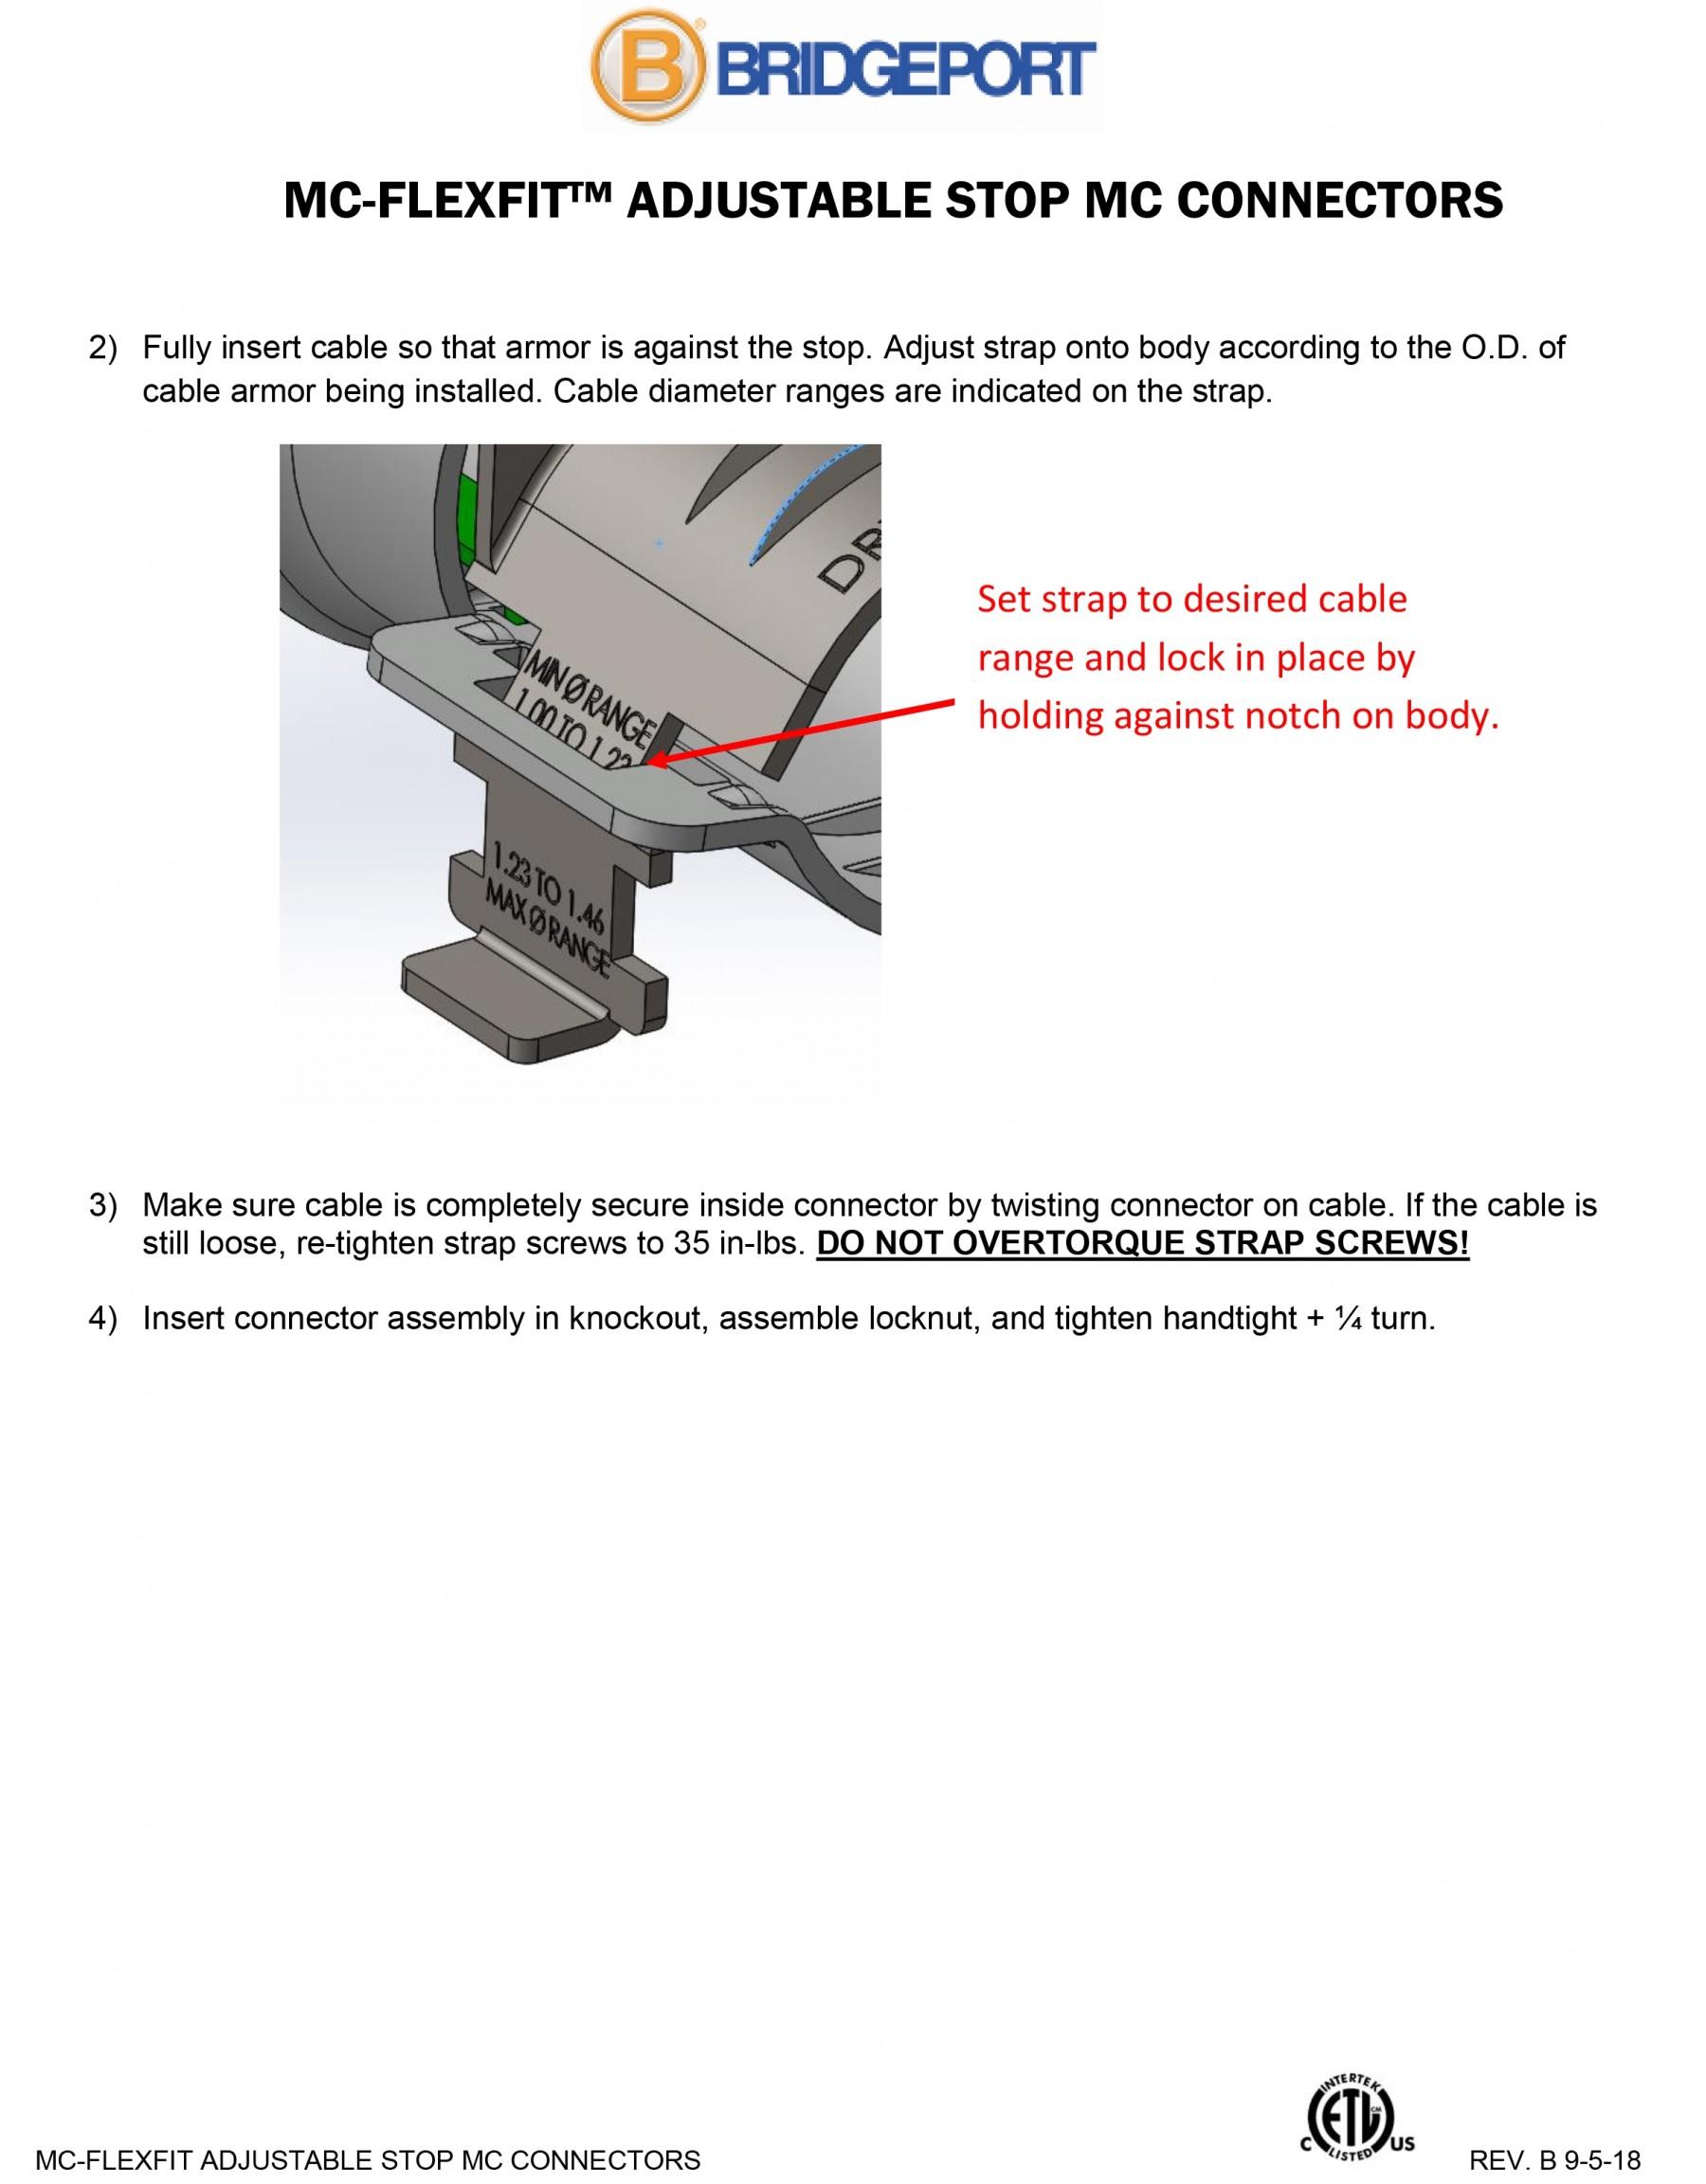 Connector, MC-FLEXFIT™, Adjustable Endstop, MC Feeder Cable, Two Screw-6